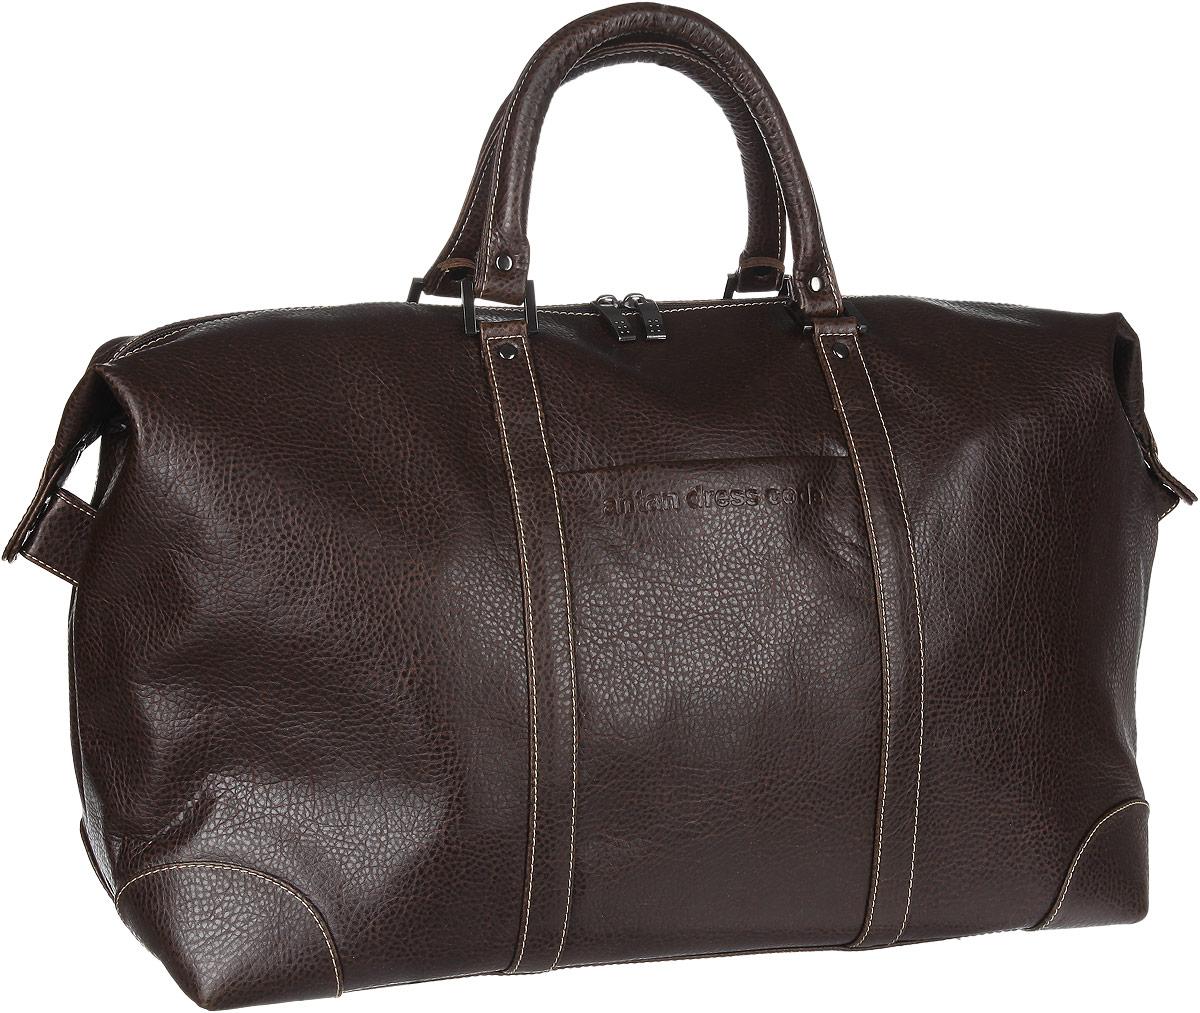 Сумка дорожная Antan, цвет: темно-коричневый. 2-207 сумка дорожная zfts цвет темно синий 189084